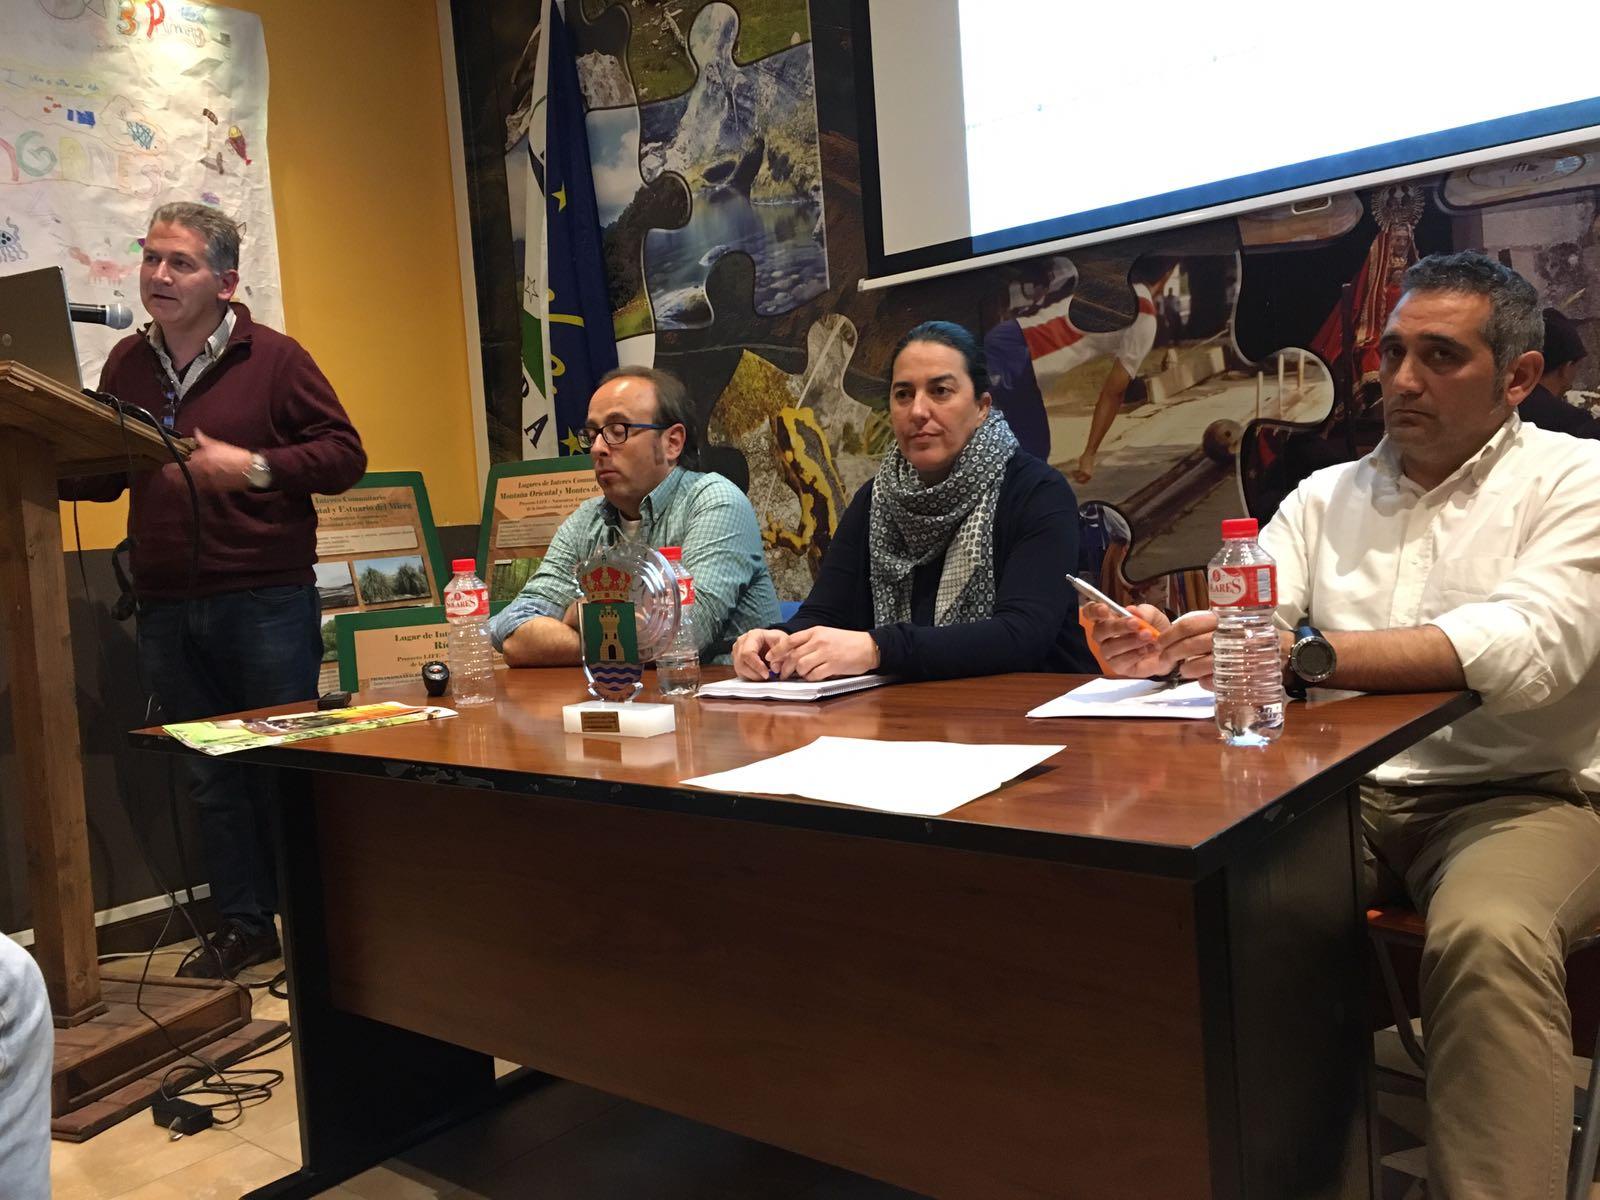 Bienvenida e introducción a la mesa redonda de Carlos Sánchez, presidente de Fundación Naturaleza y Hombre.